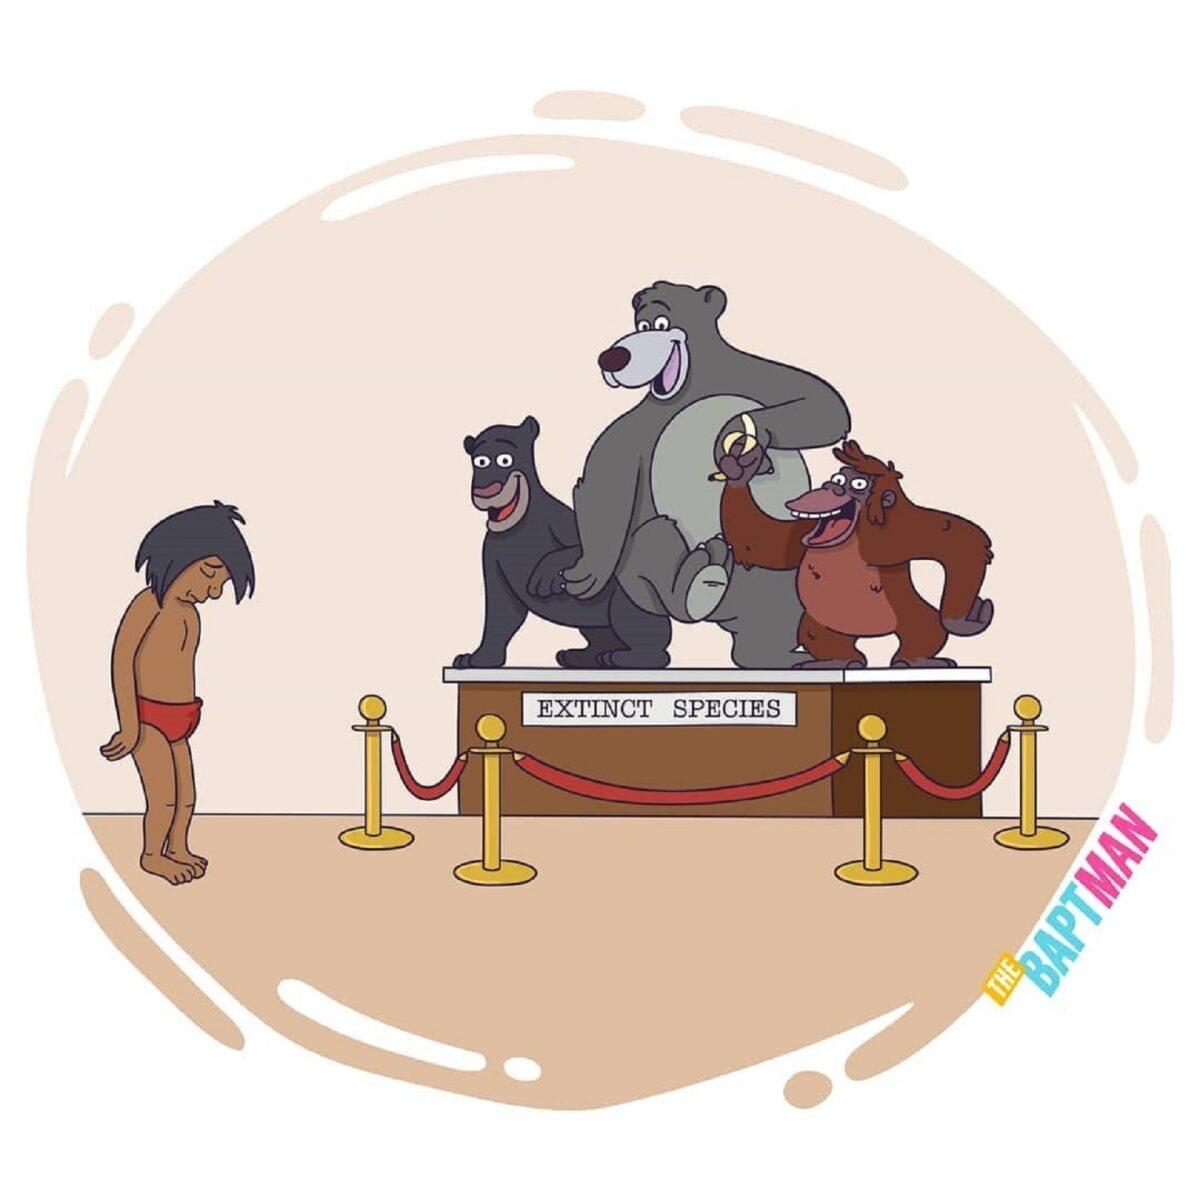 Baptiste Drausin ilustrador frances coloca personagens da cultura pop com problemas atuais 10